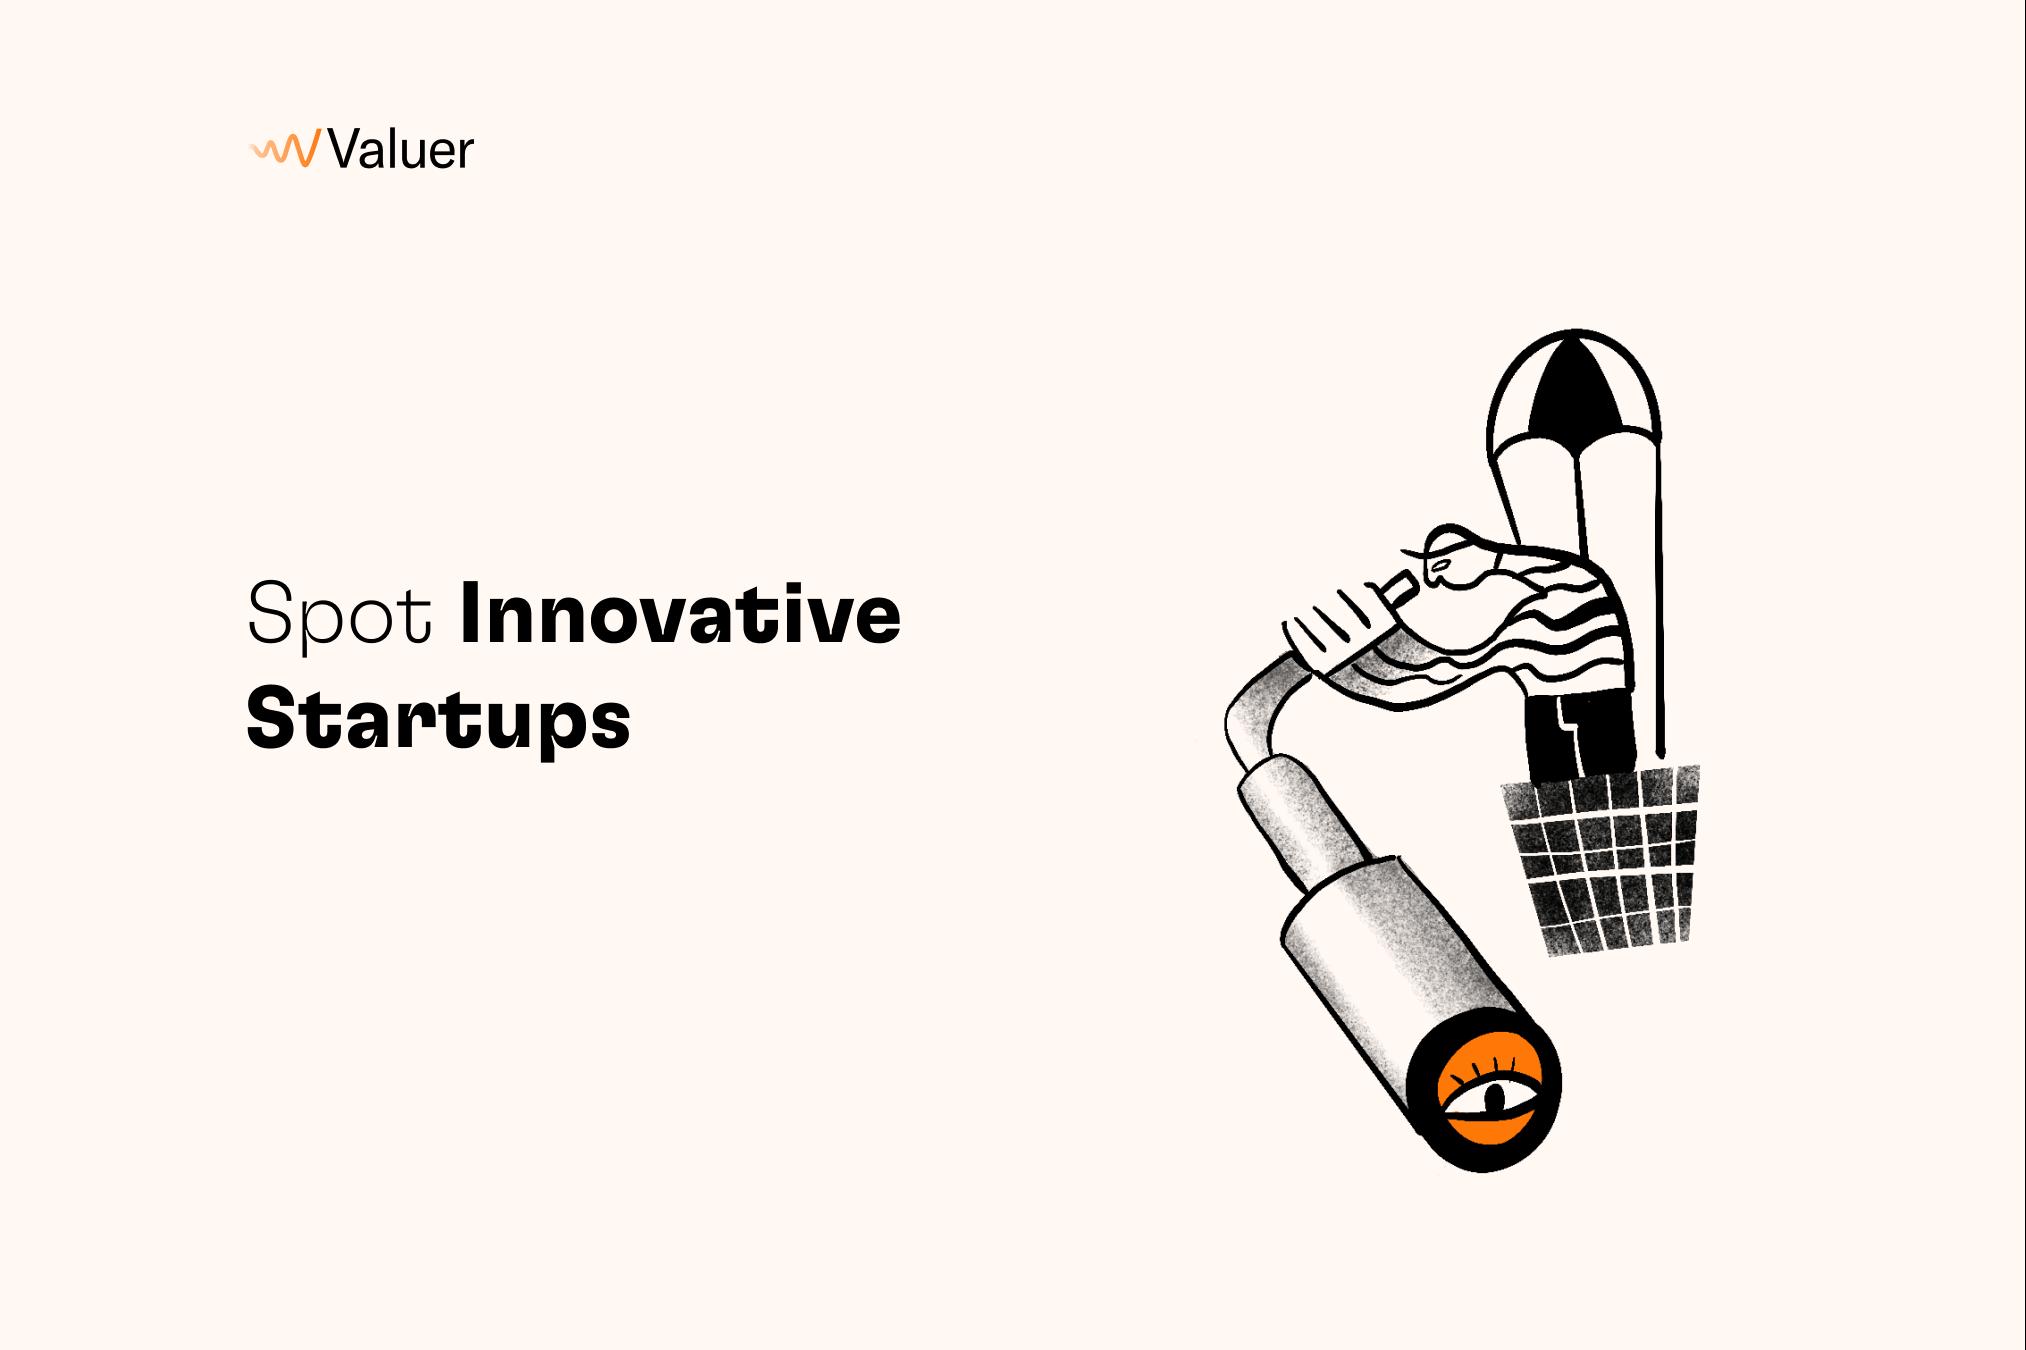 Spot innovative startups